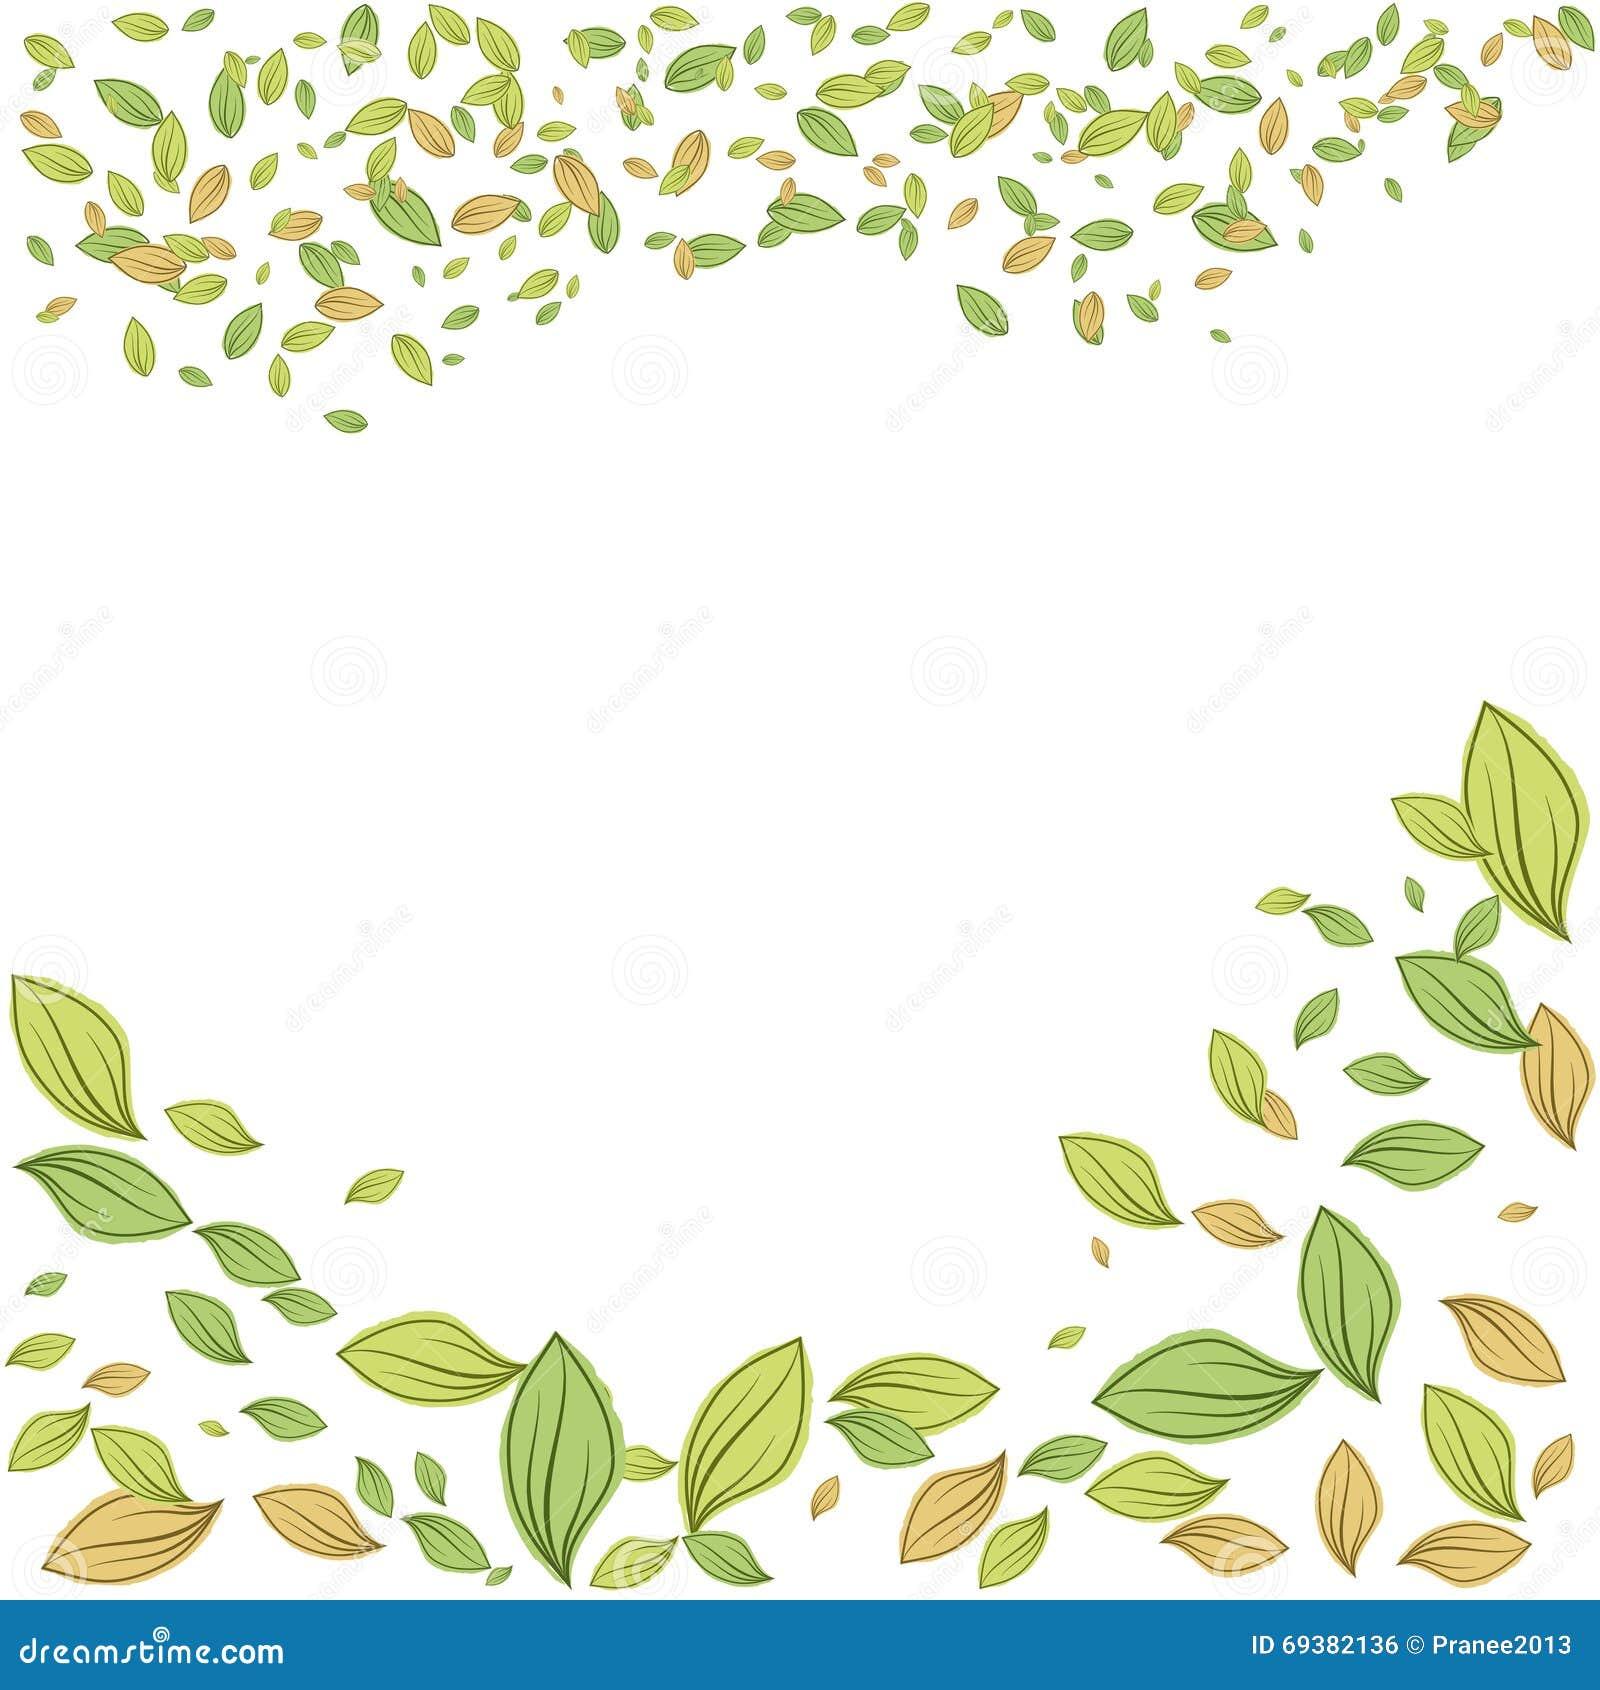 Ejemplo verde del vector del marco de las hojas para el dise o de la primavera ilustraci n del - Marcos para plantas ...